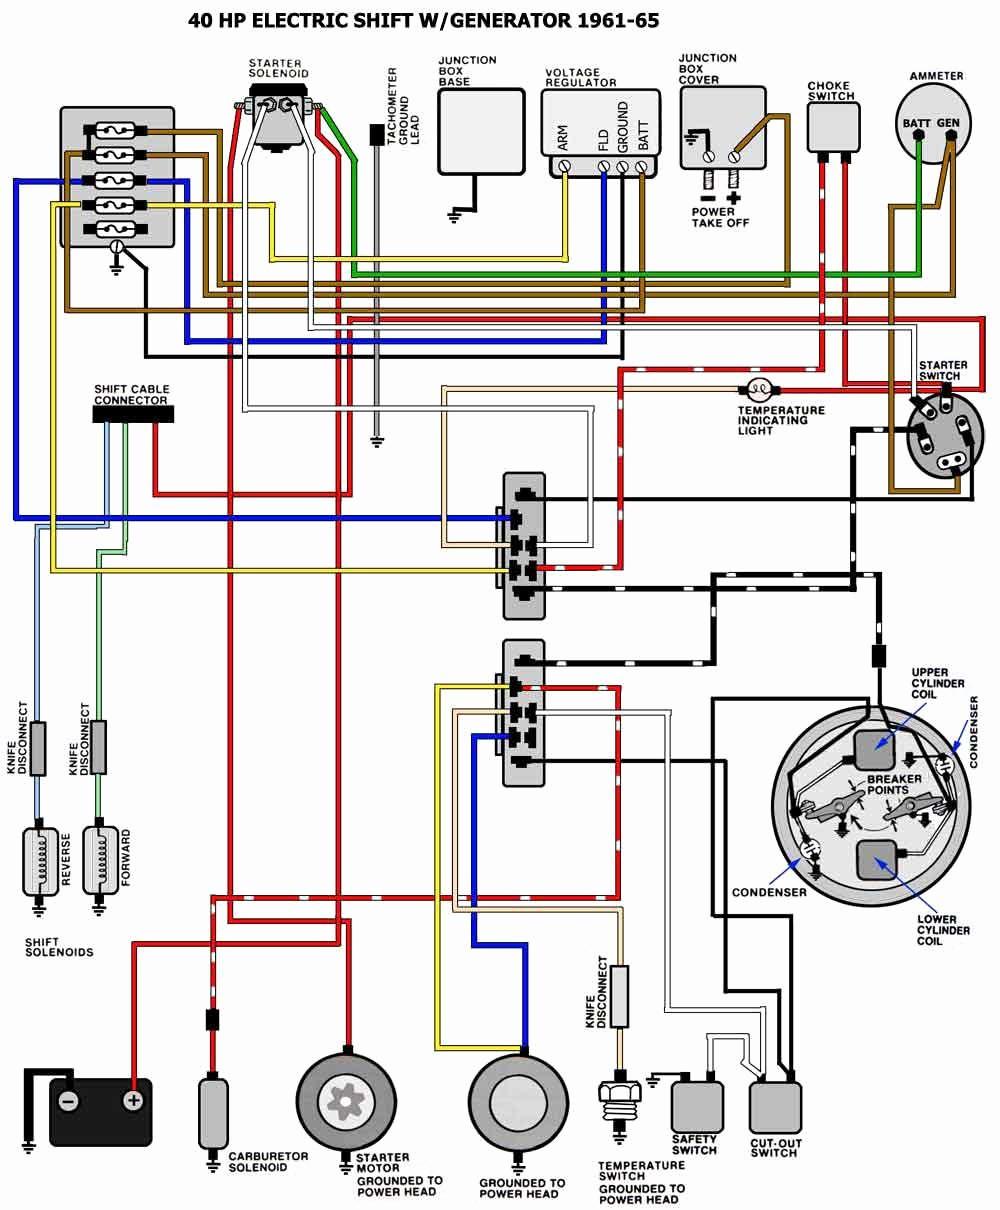 suzuki outboard wiring schematics best secret wiring diagram u2022 rh anutechnologies co suzuki outboard wiring harness suzuki outboard wiring harness color codes